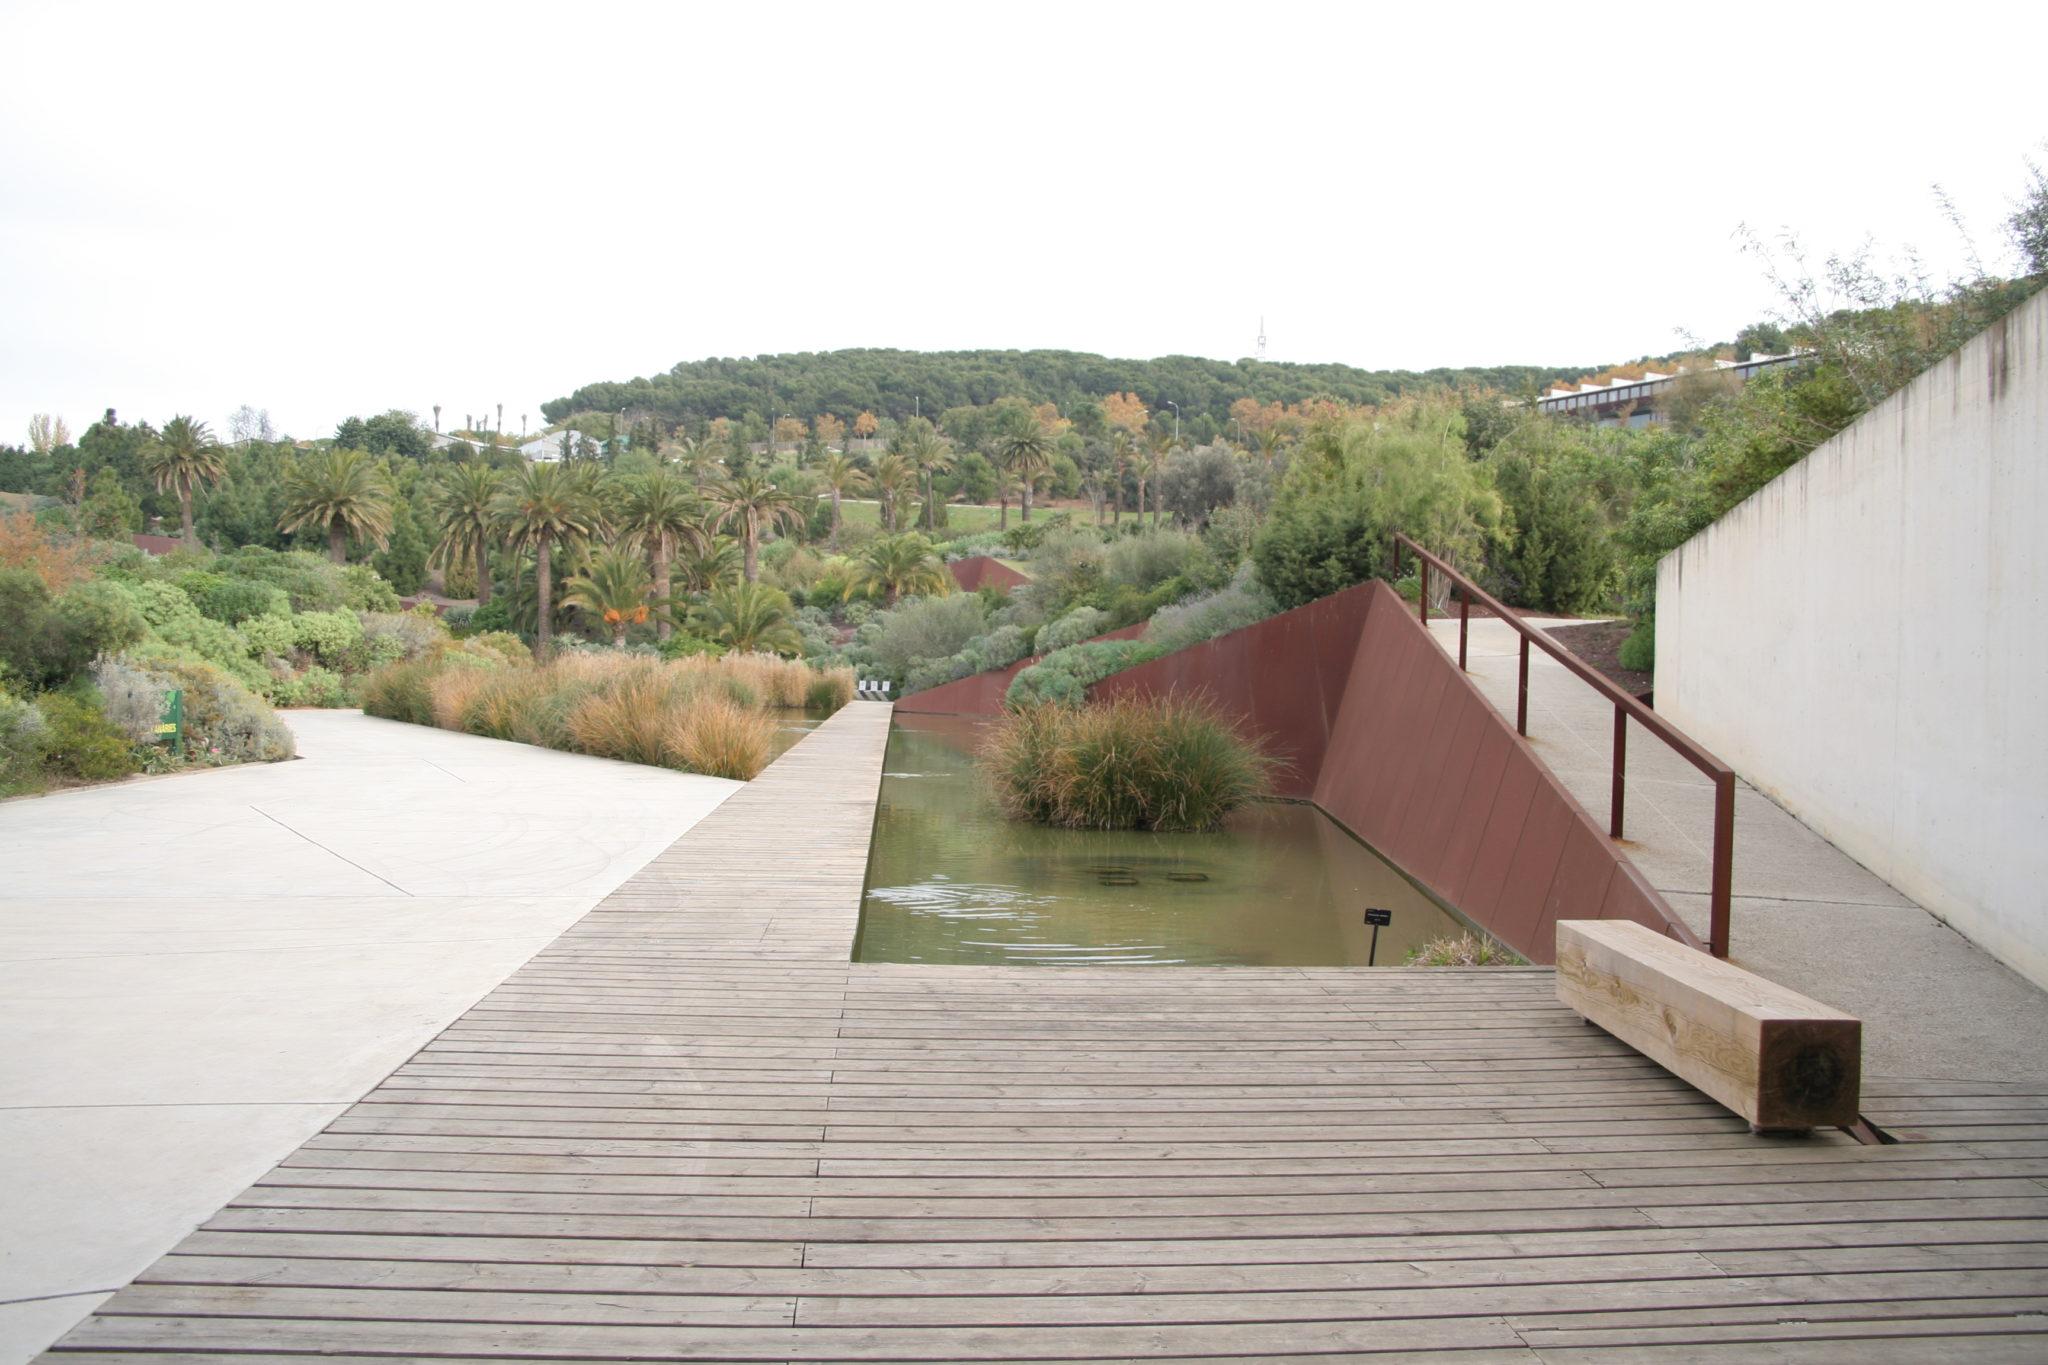 El jard n bot nico de barcelona espera nuevos visitantes for Jardin botanico montjuic